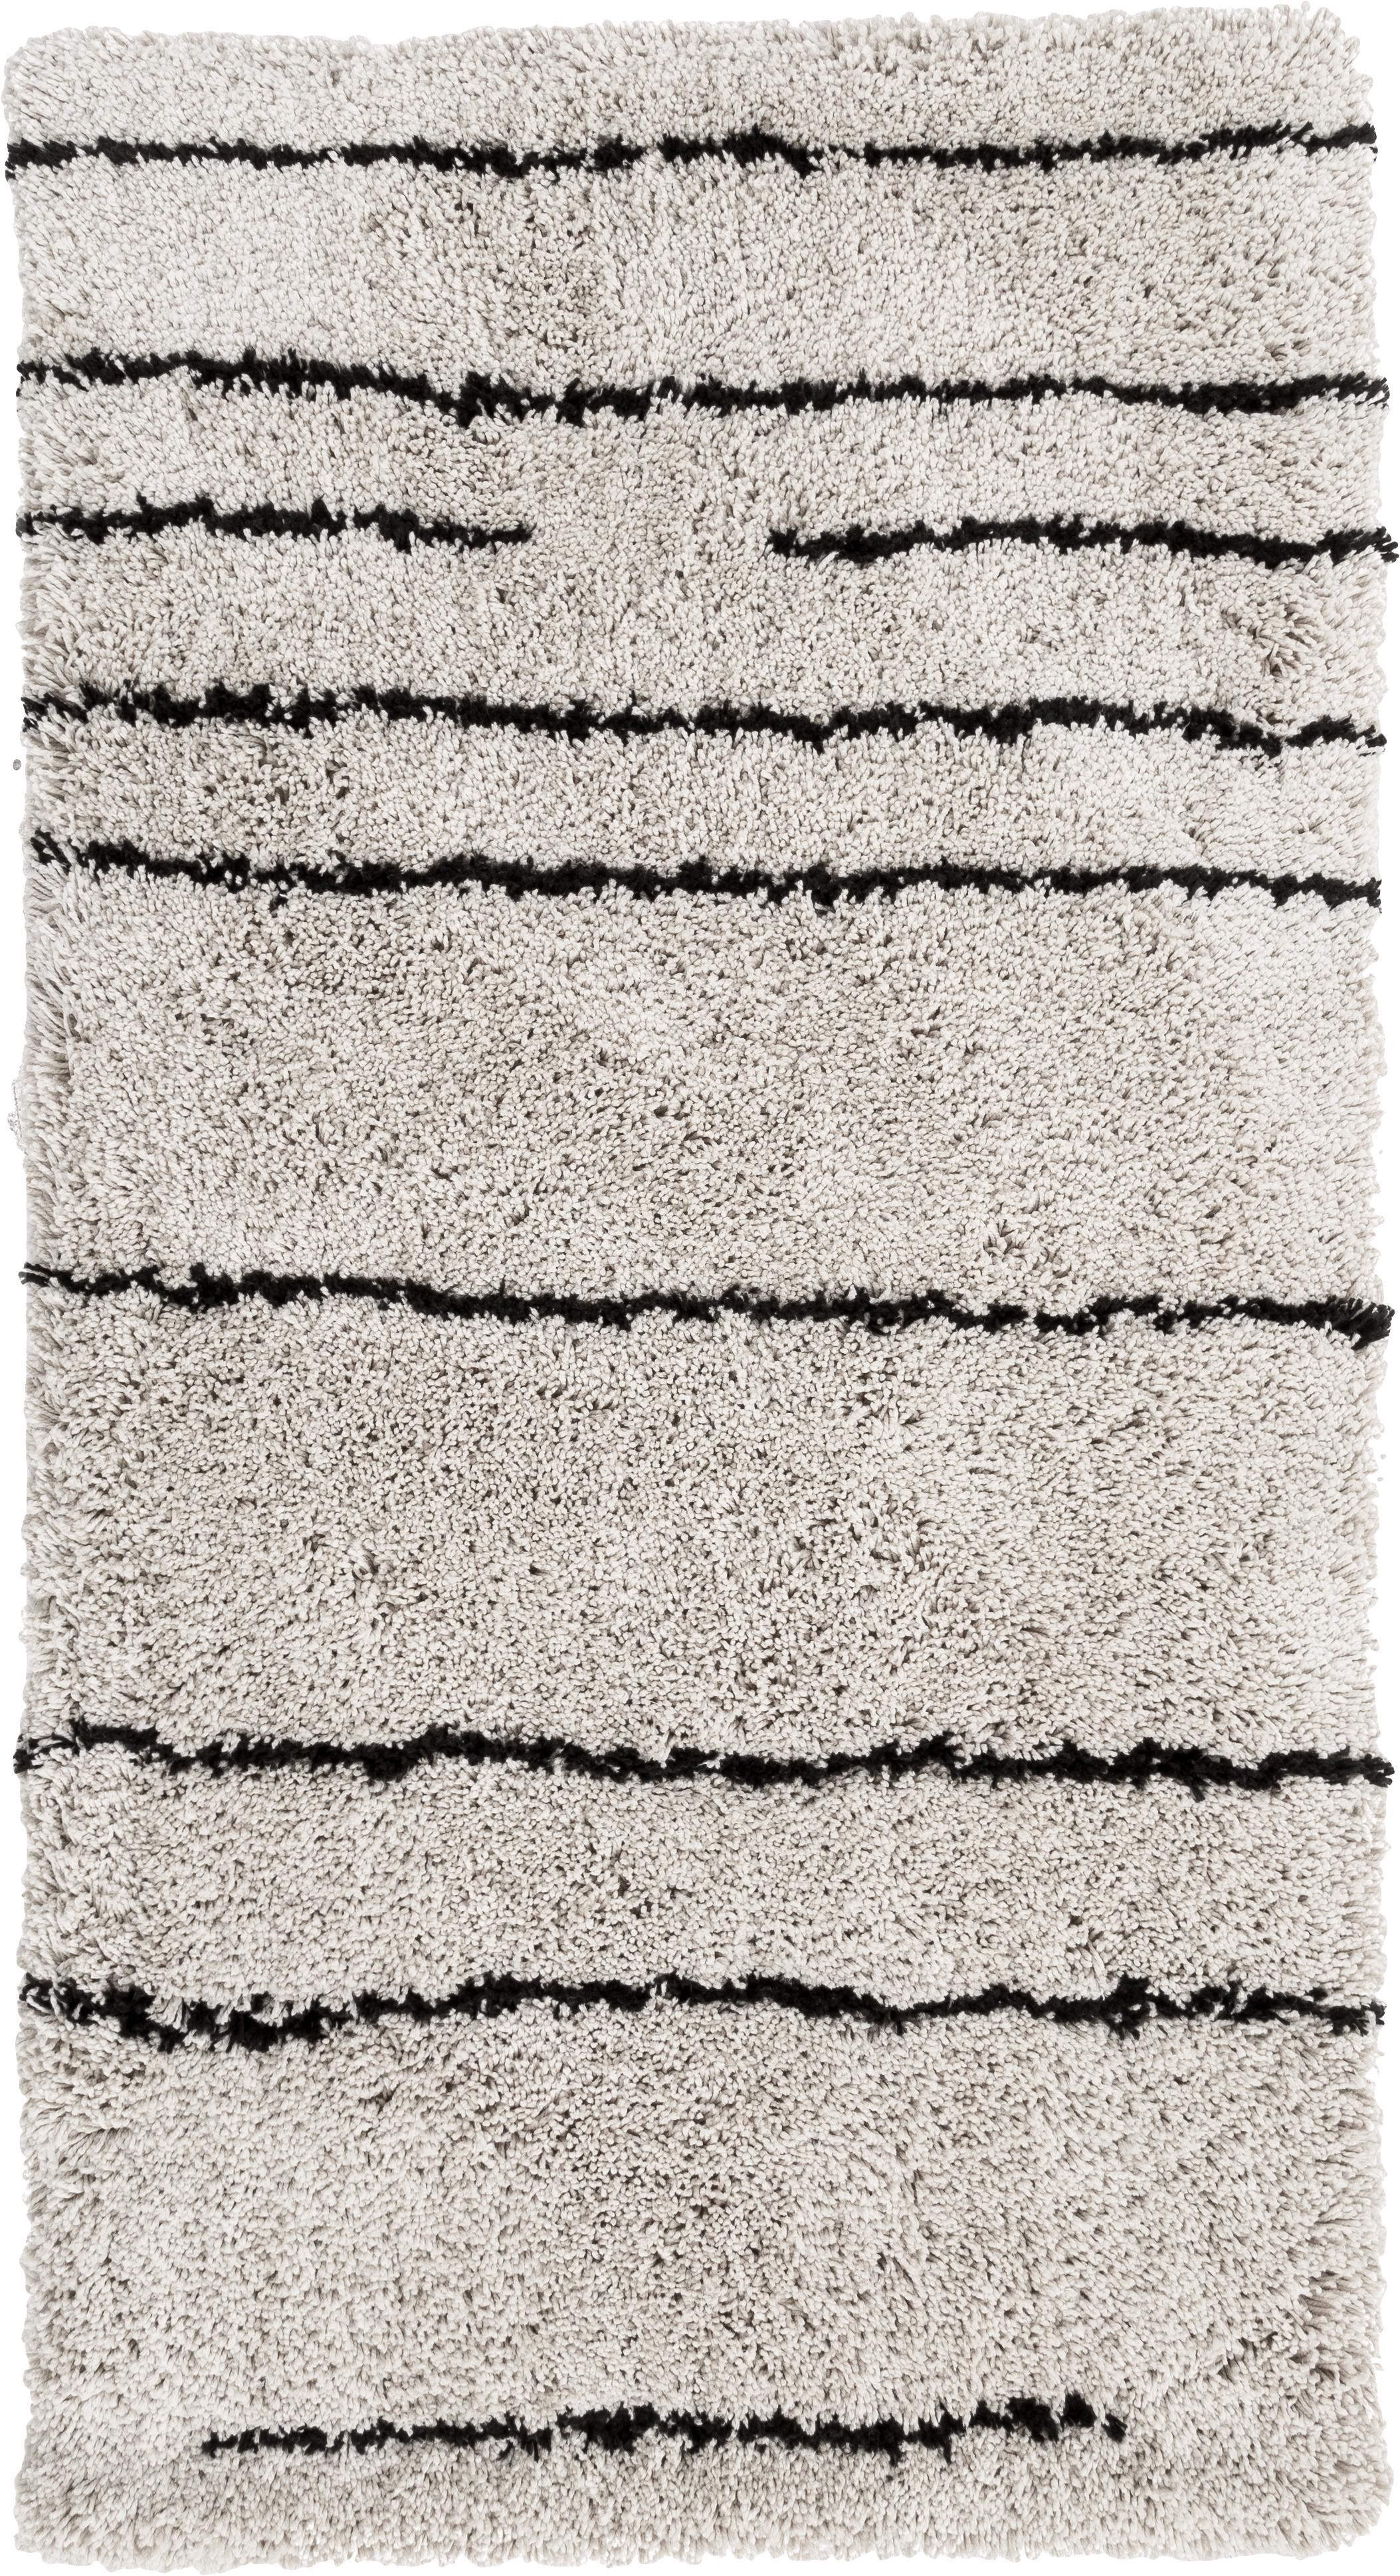 Flauschiger Hochflor-Teppich Dunya, handgetuftet, Flor: 100% Polyester, Beige, Schwarz, B 80 x L 150 cm (Größe XS)